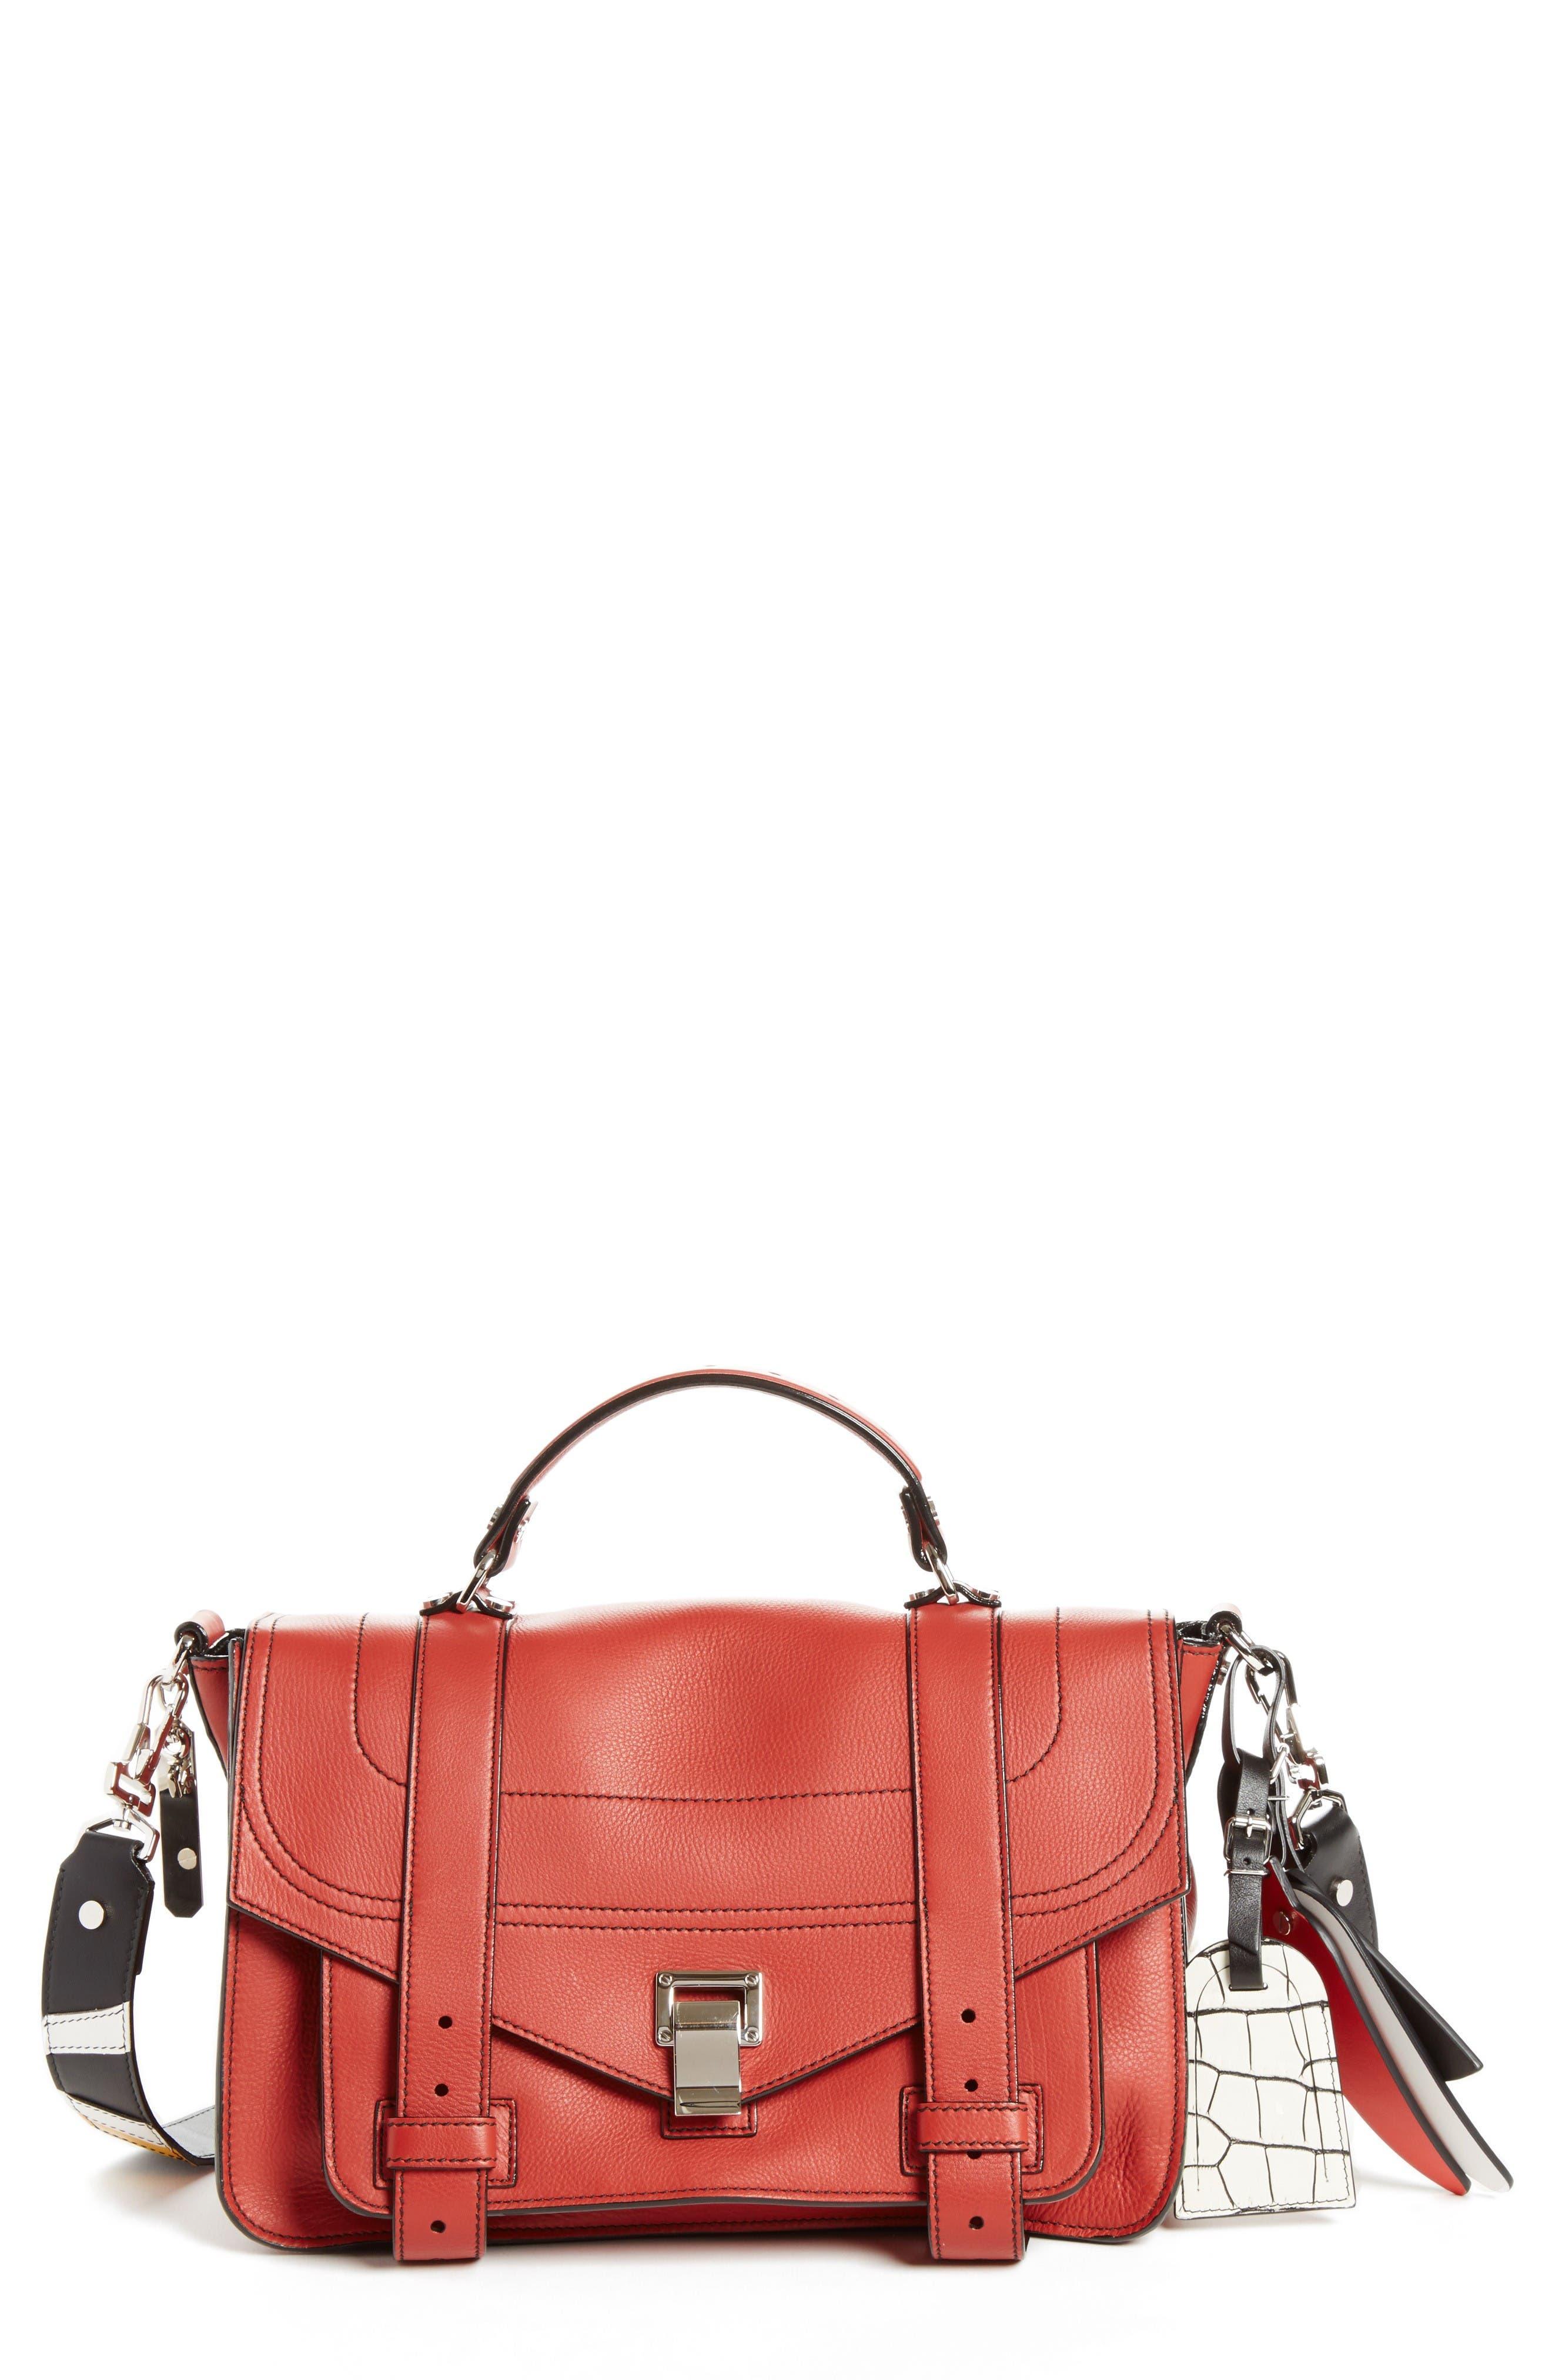 Proenza Schouler Medium PS1 Patchwork Leather Satchel